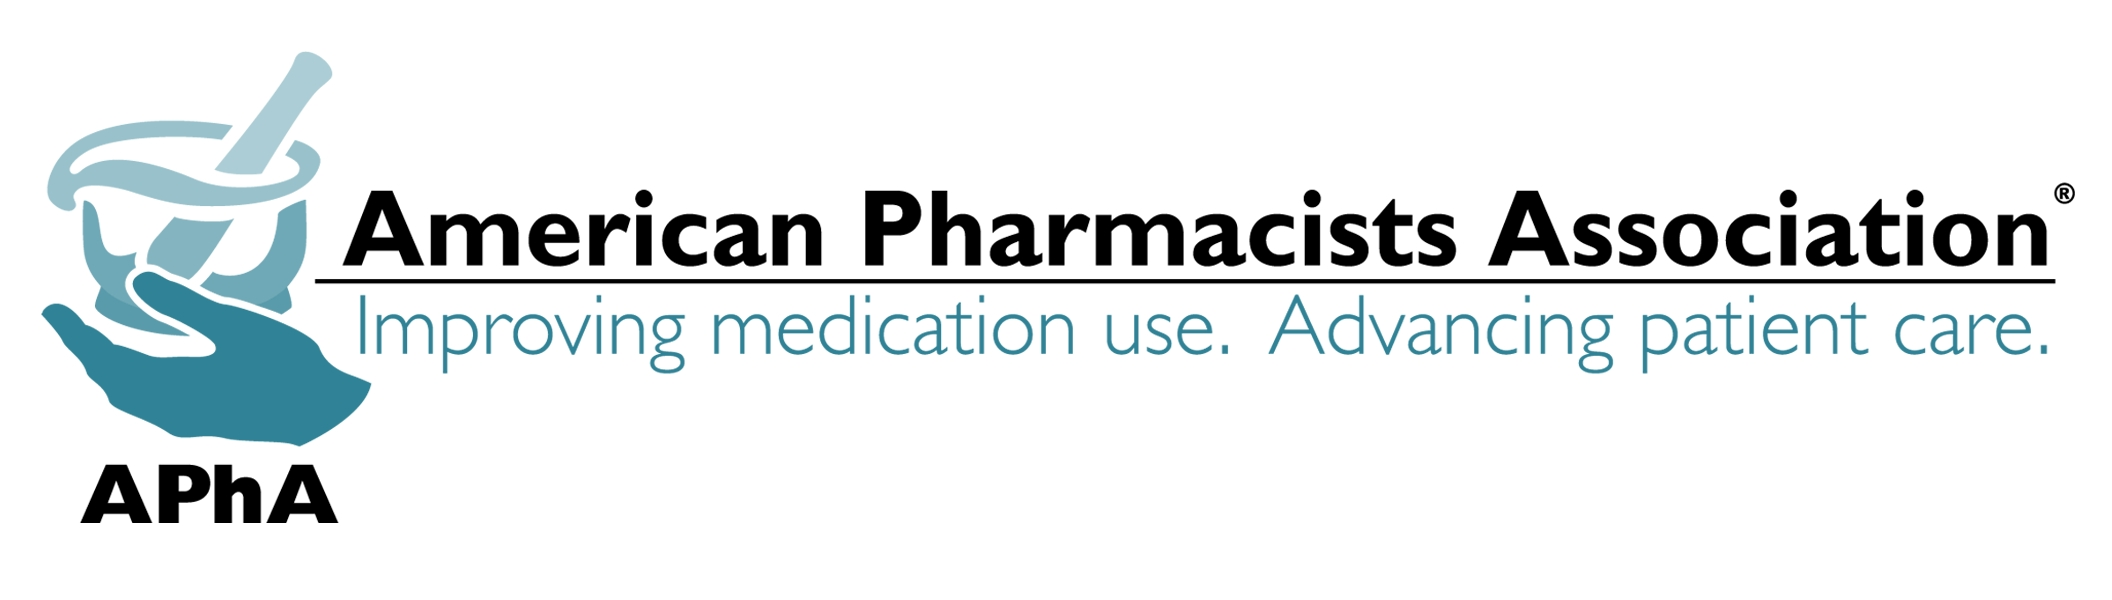 Walgreens Expands Effort to Fight Prescription Drug Abuse ...